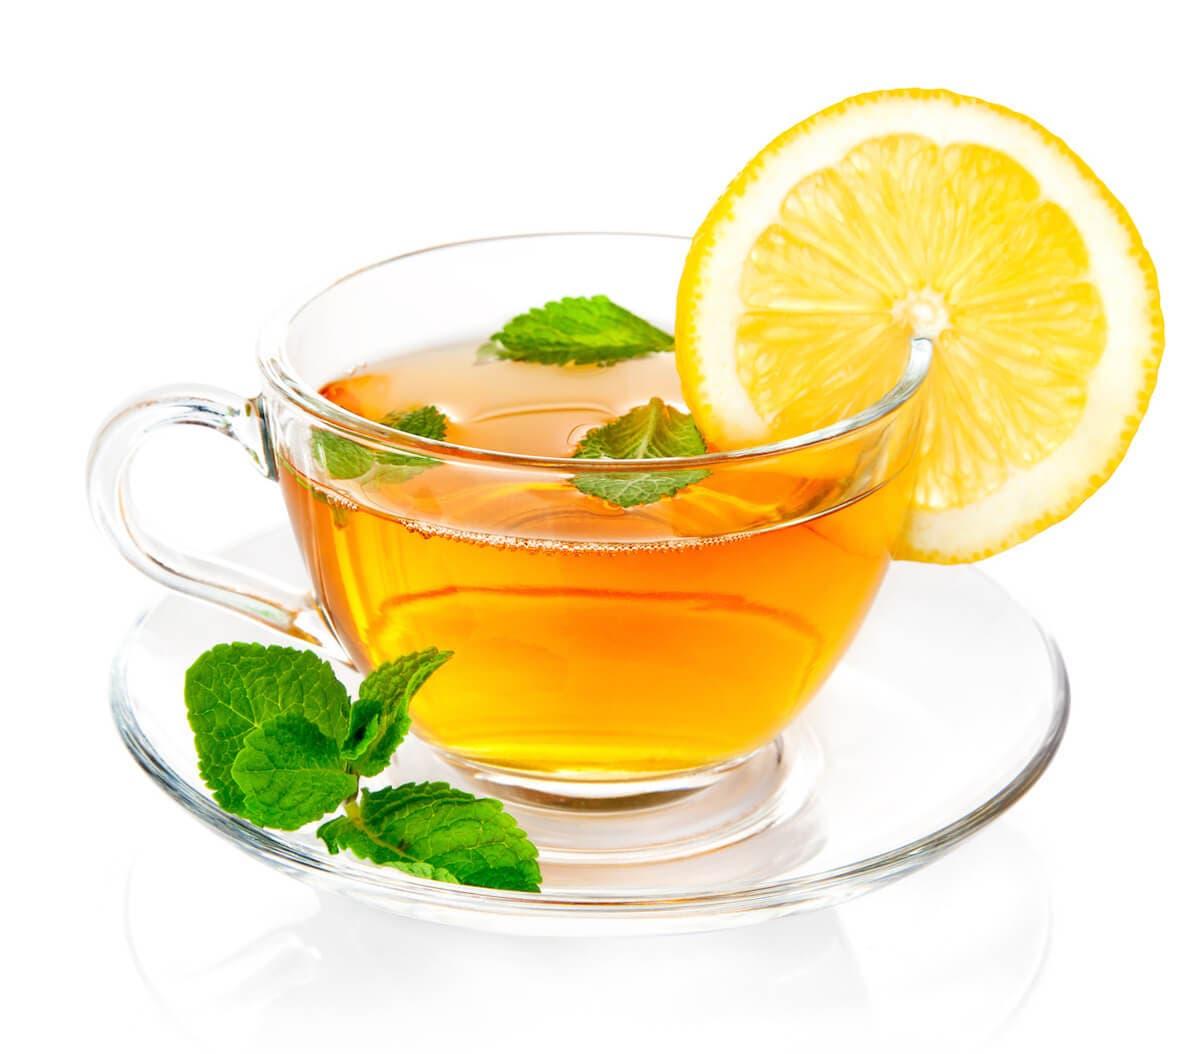 Zayıflamaya Yardımcı Çaylar Nelerdir